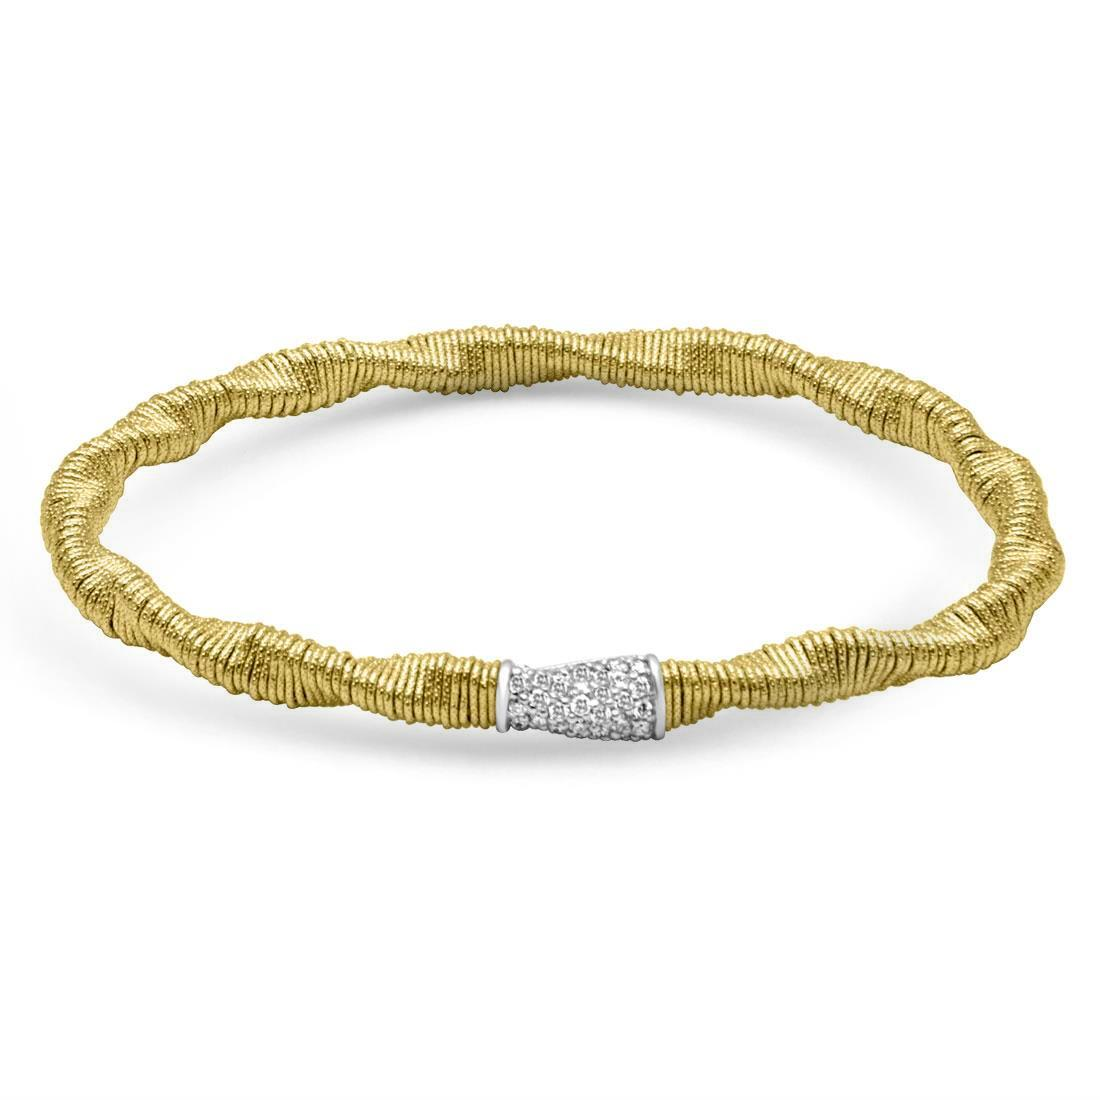 Bracciale in oro giallo con diamanti - ROBERTO DEMEGLIO